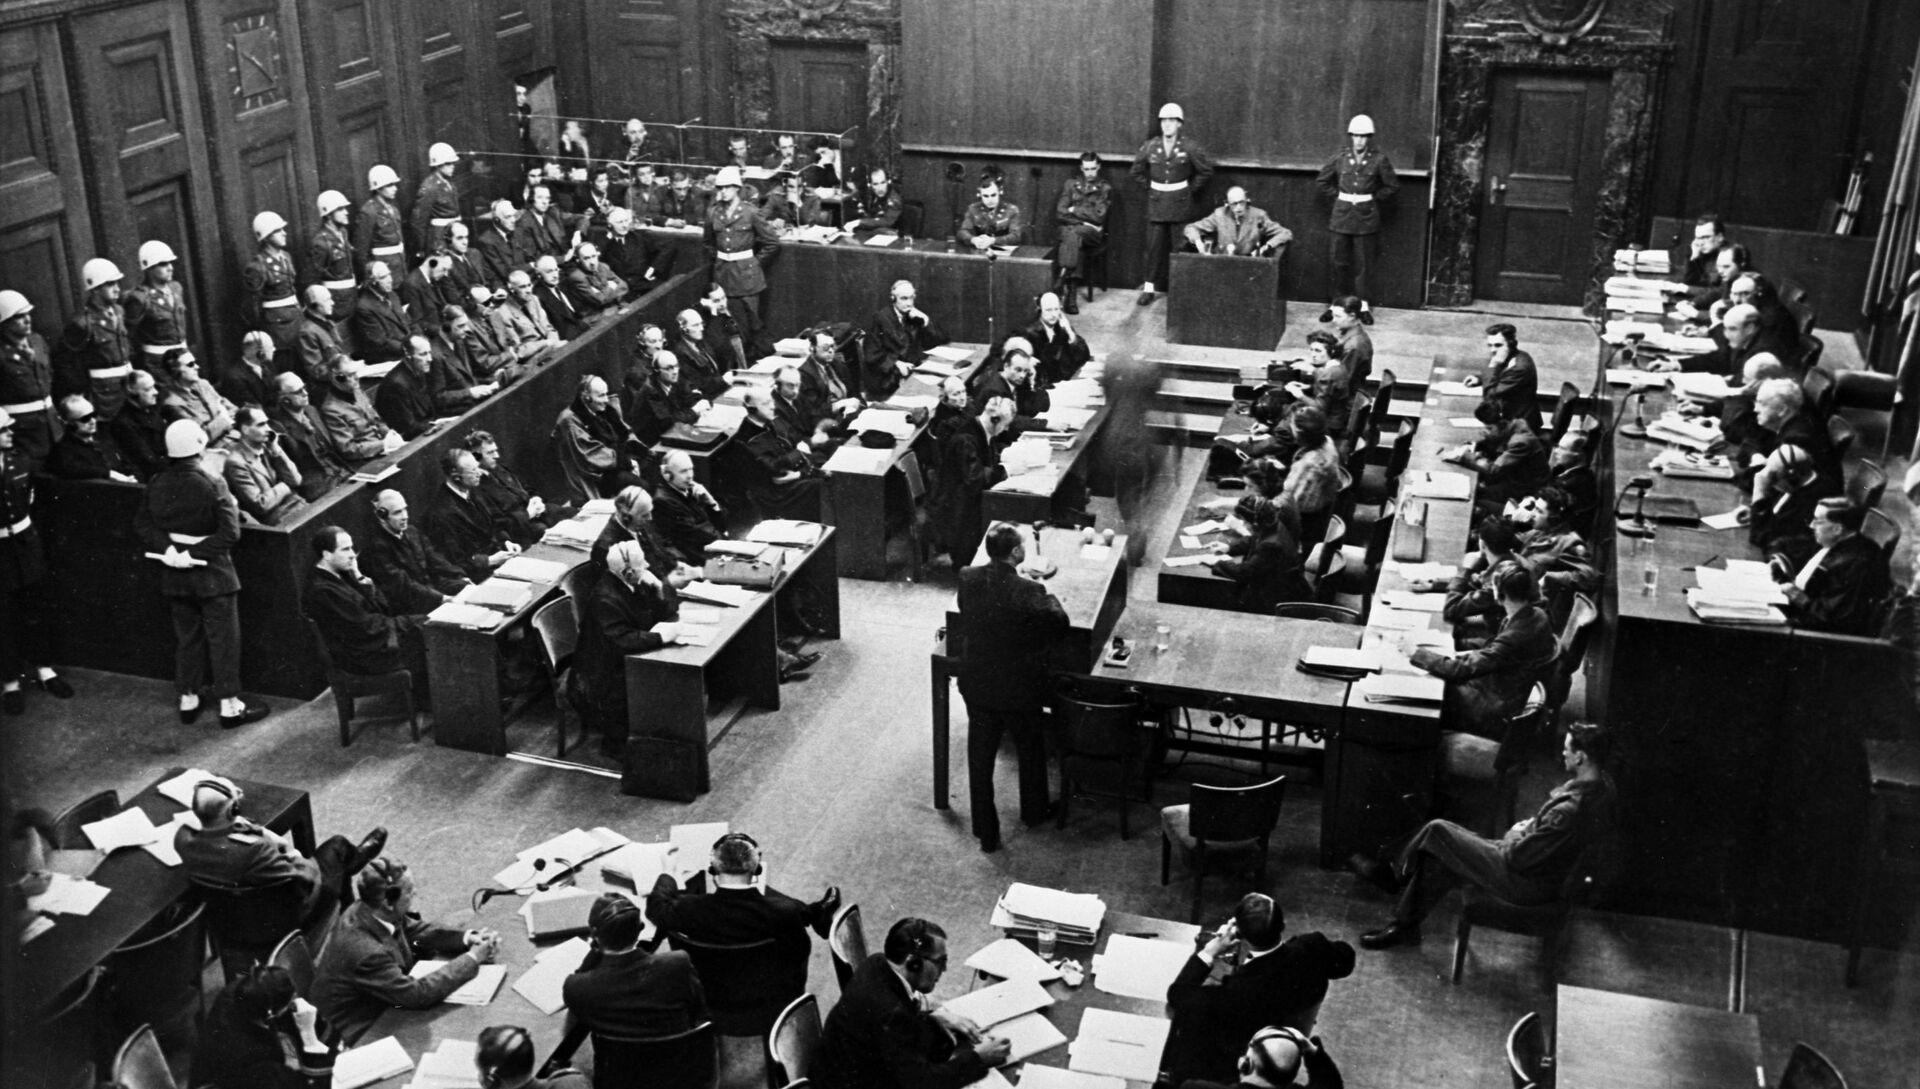 Нюрнбергский процесс. 20 ноября 1945 года — 1 октября 1946 года - РИА Новости, 1920, 20.11.2020